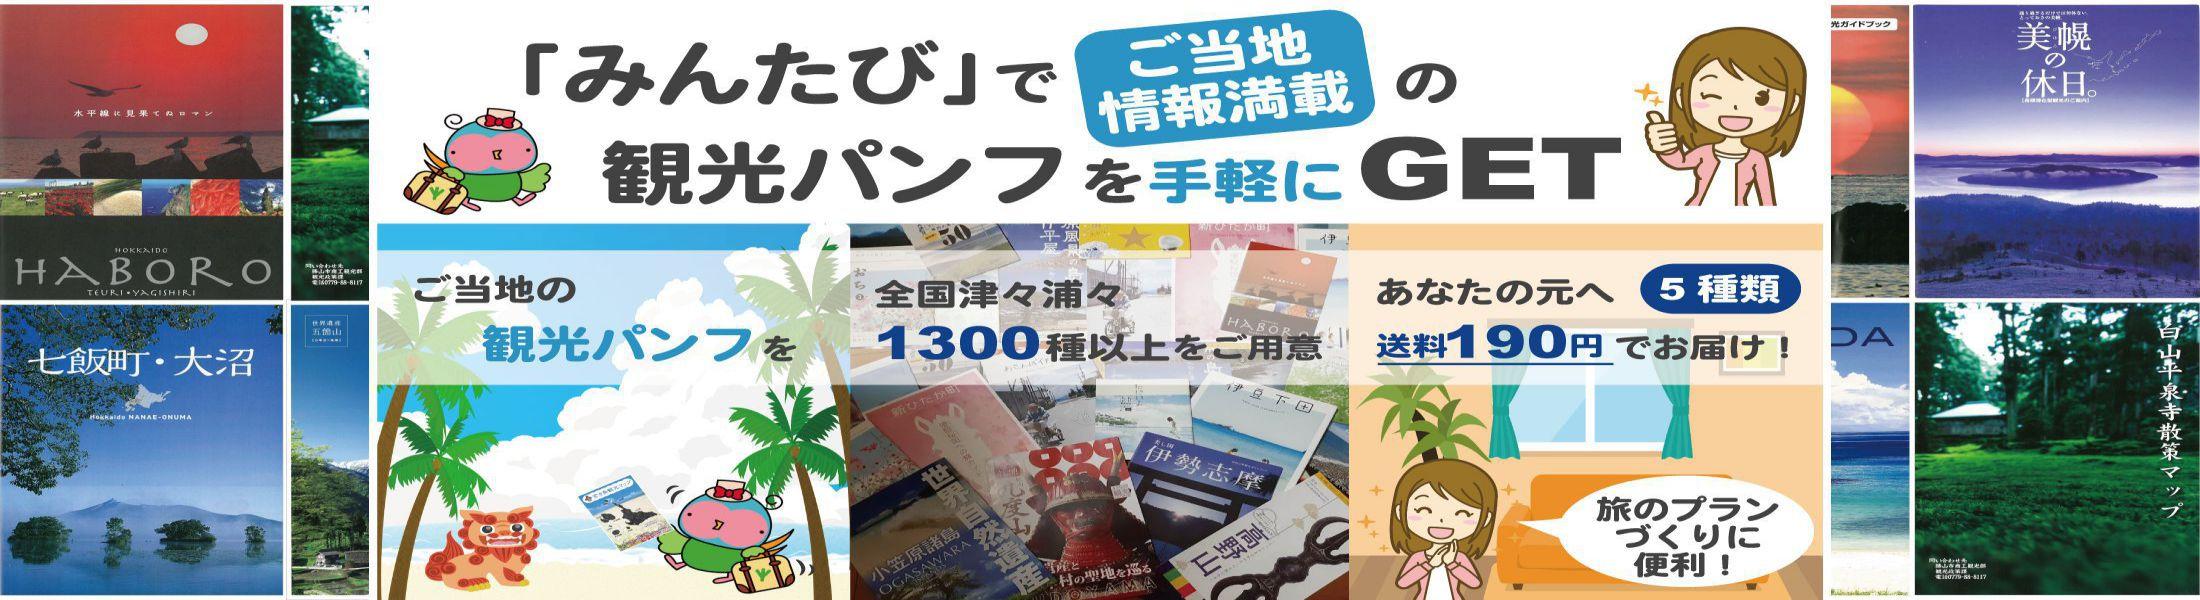 世界遺産を見に行こう!高野山、屋久島、姫路城